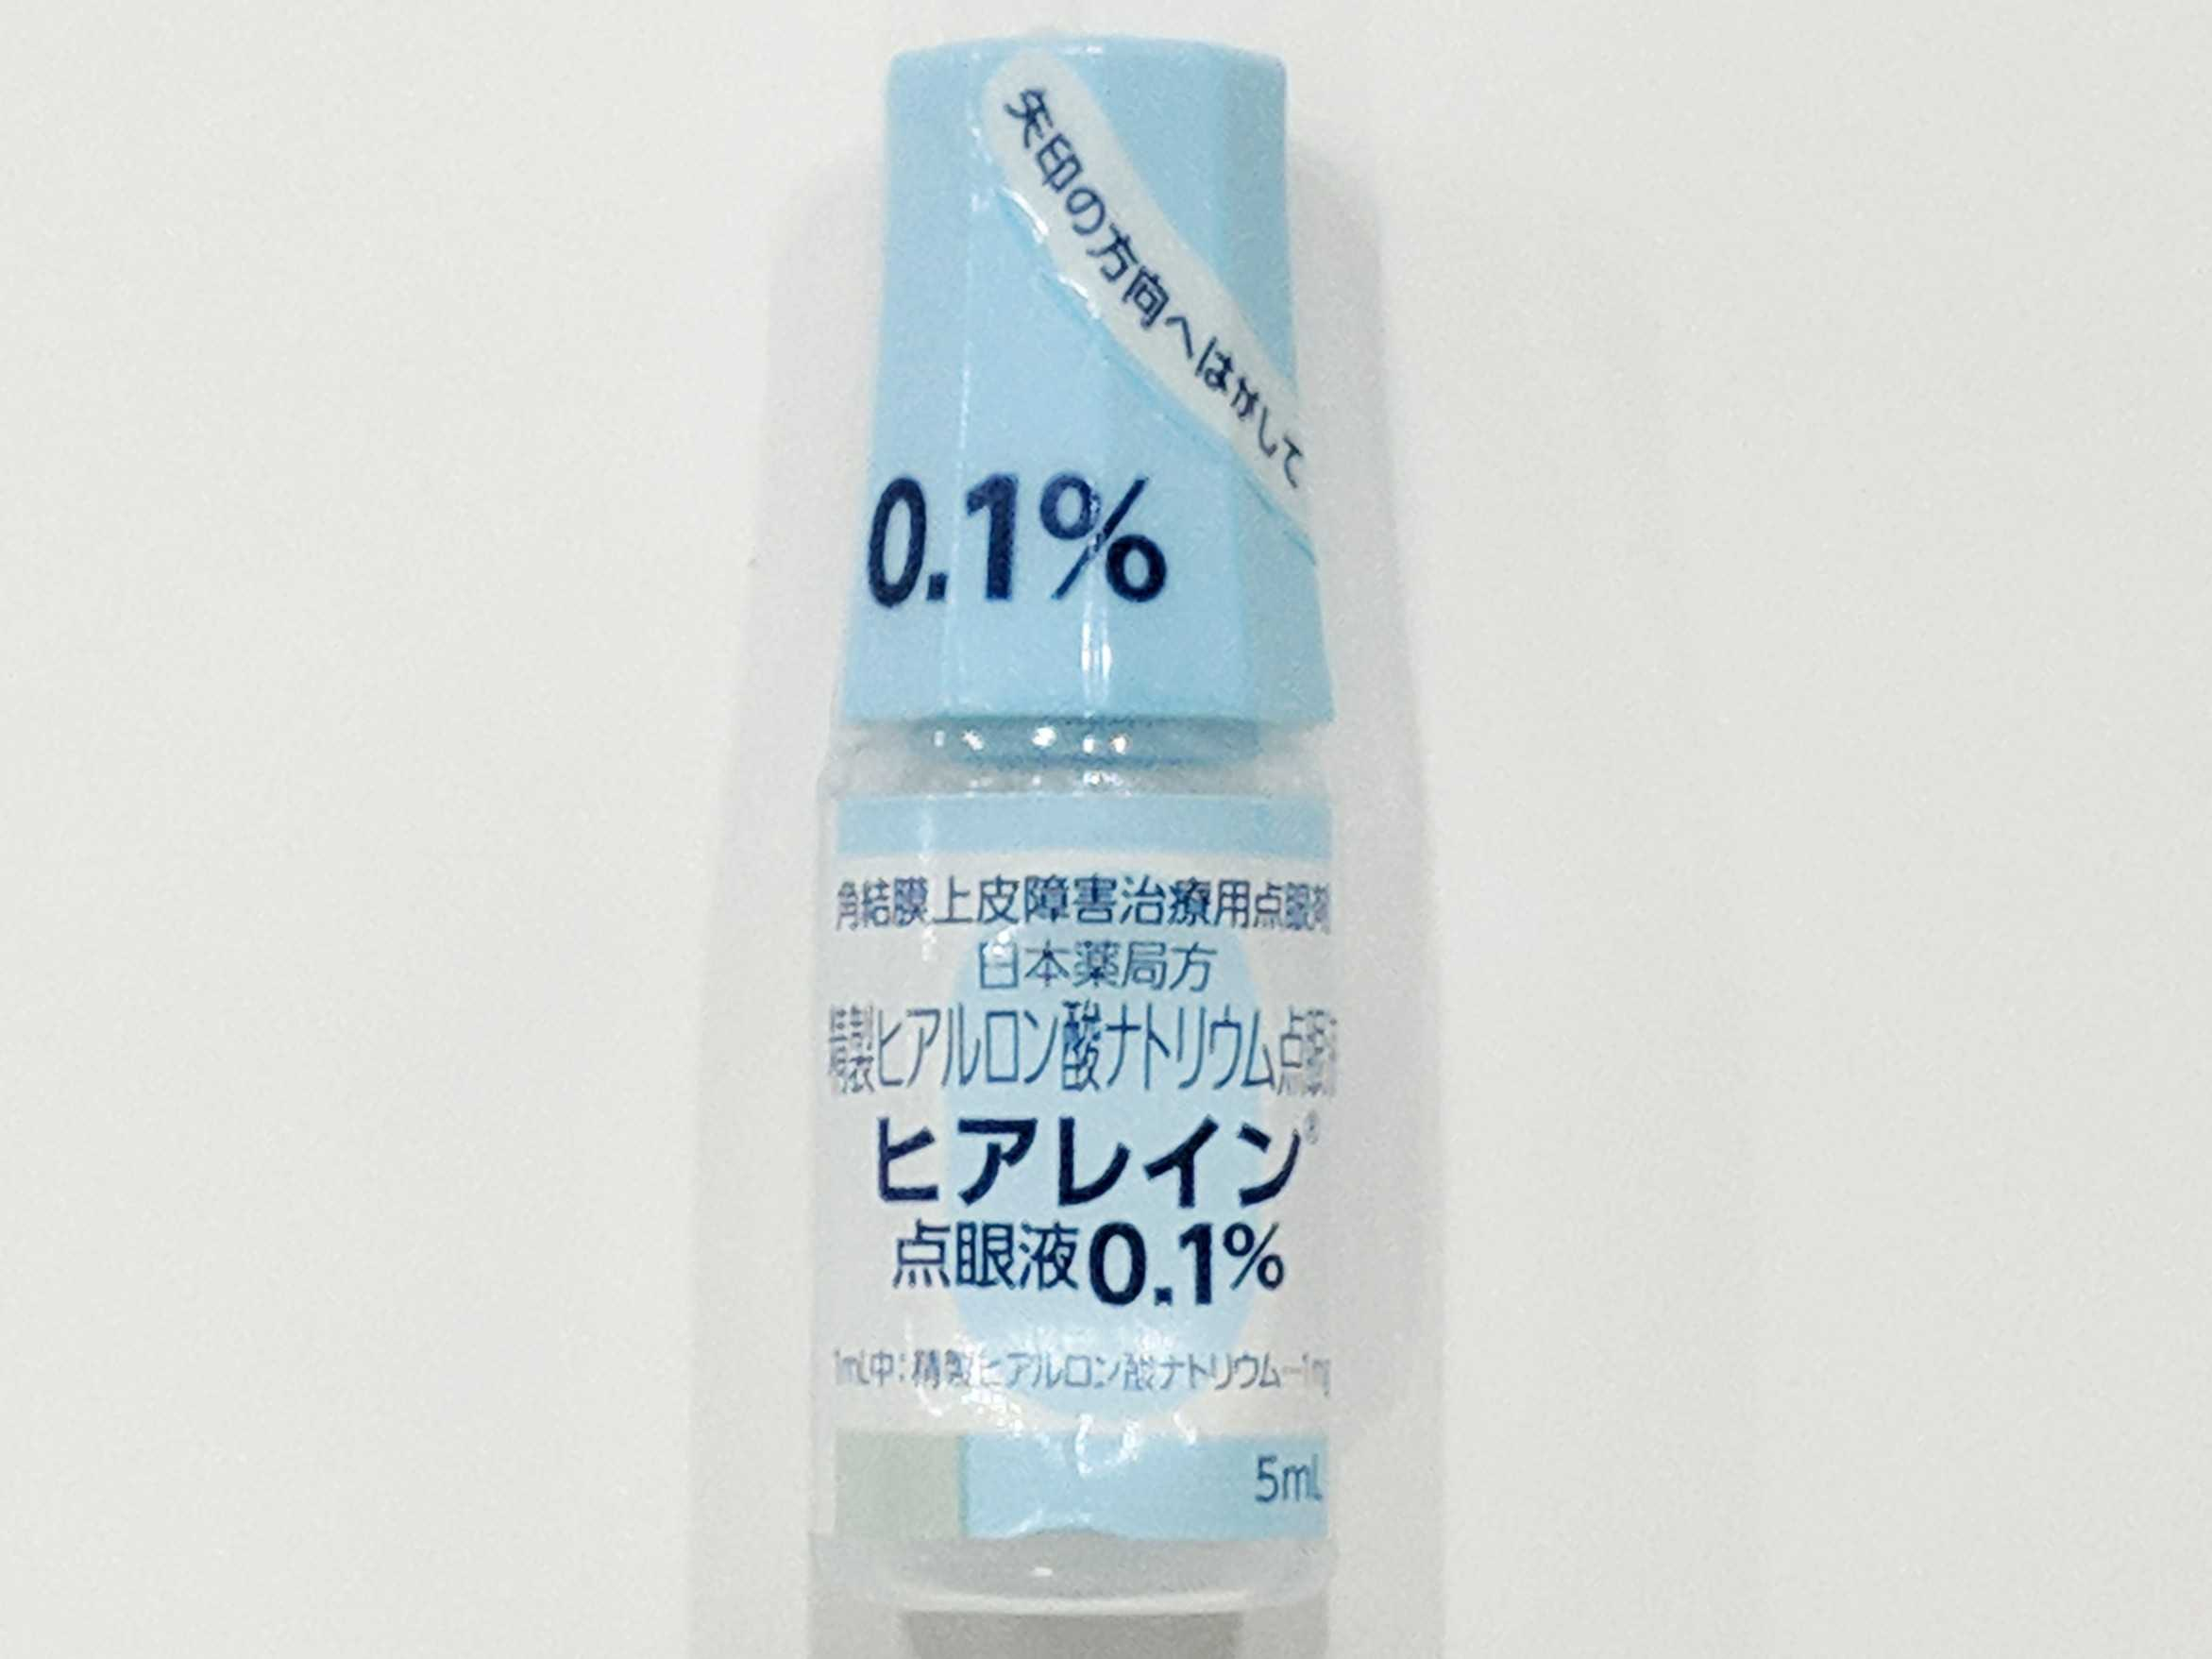 ナトリウム 目薬 酸 ヒアルロン